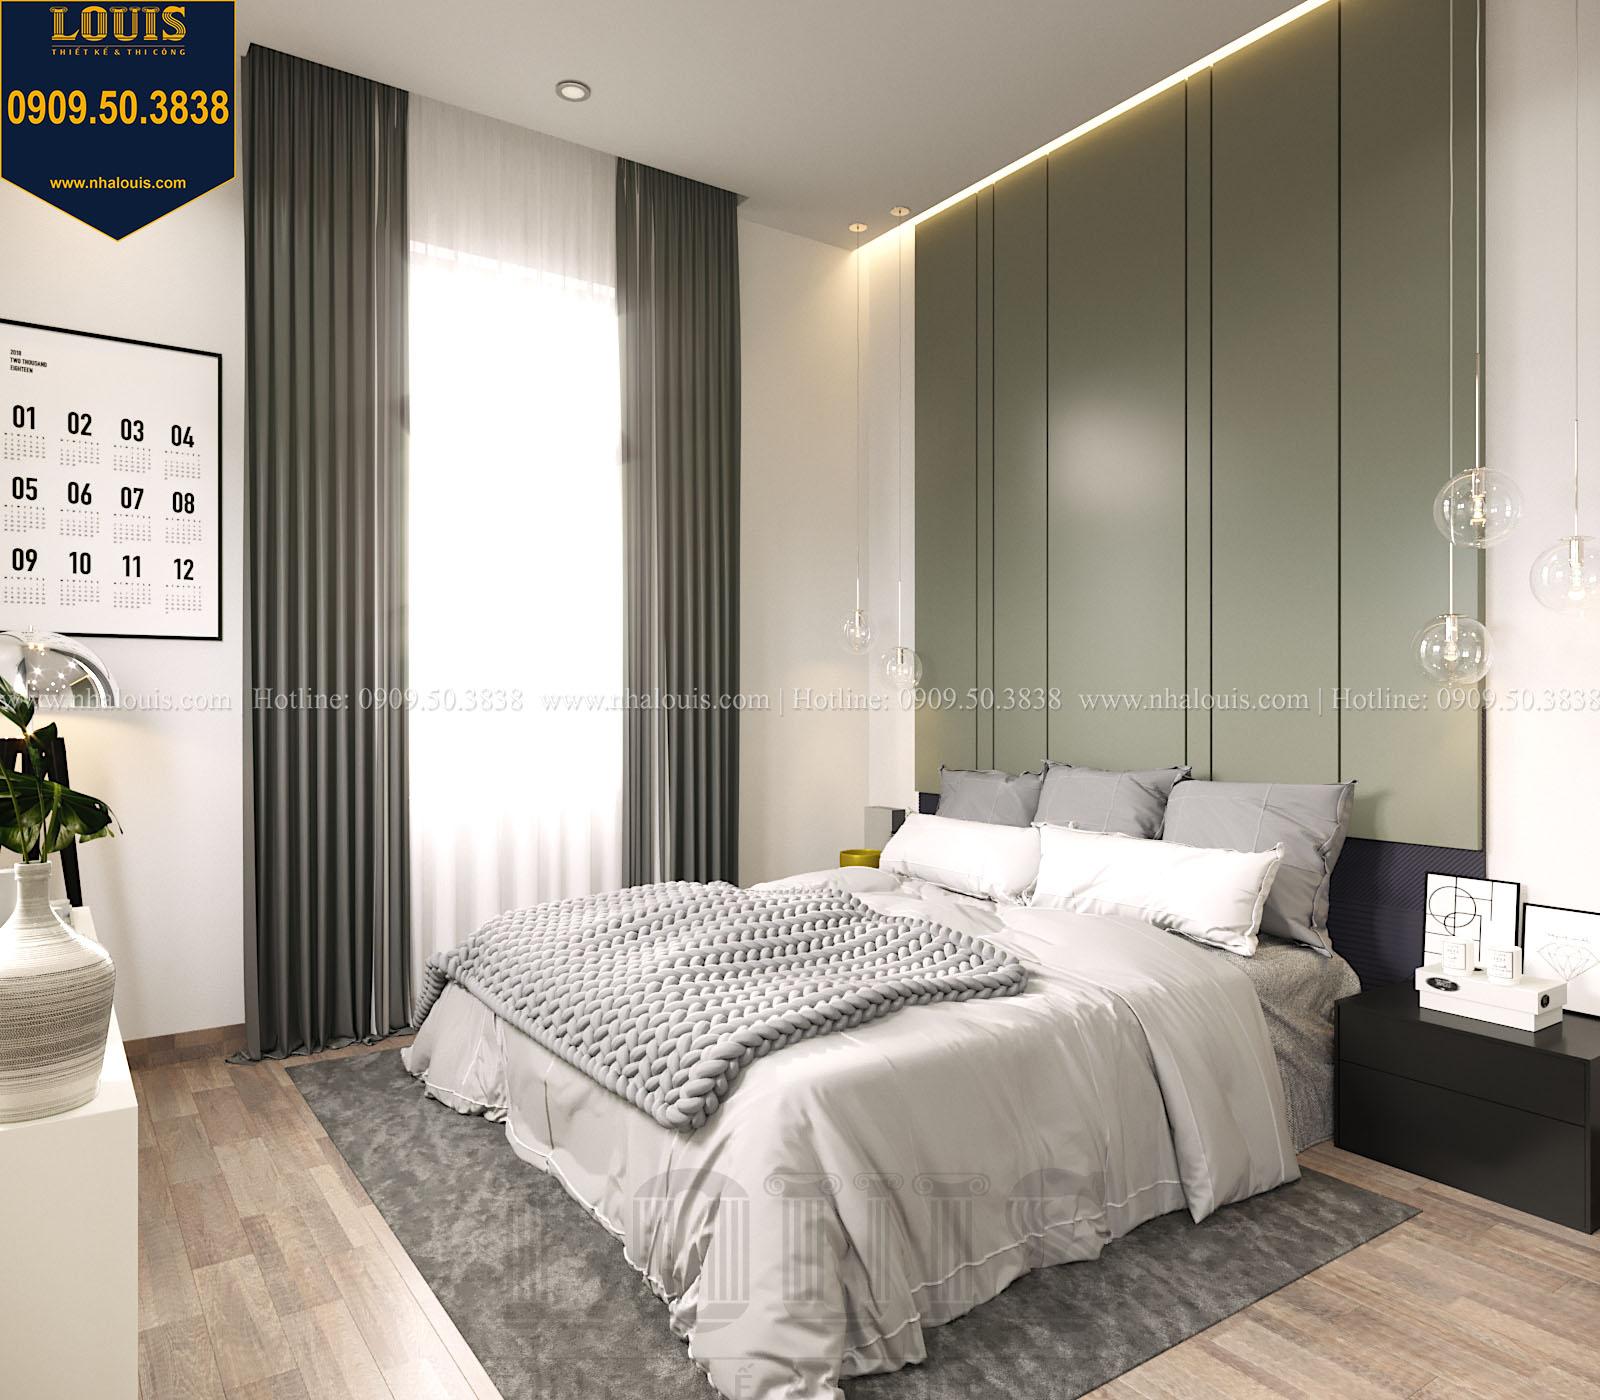 Phòng ngủ biệt thự 2 tầng đẹp - 049